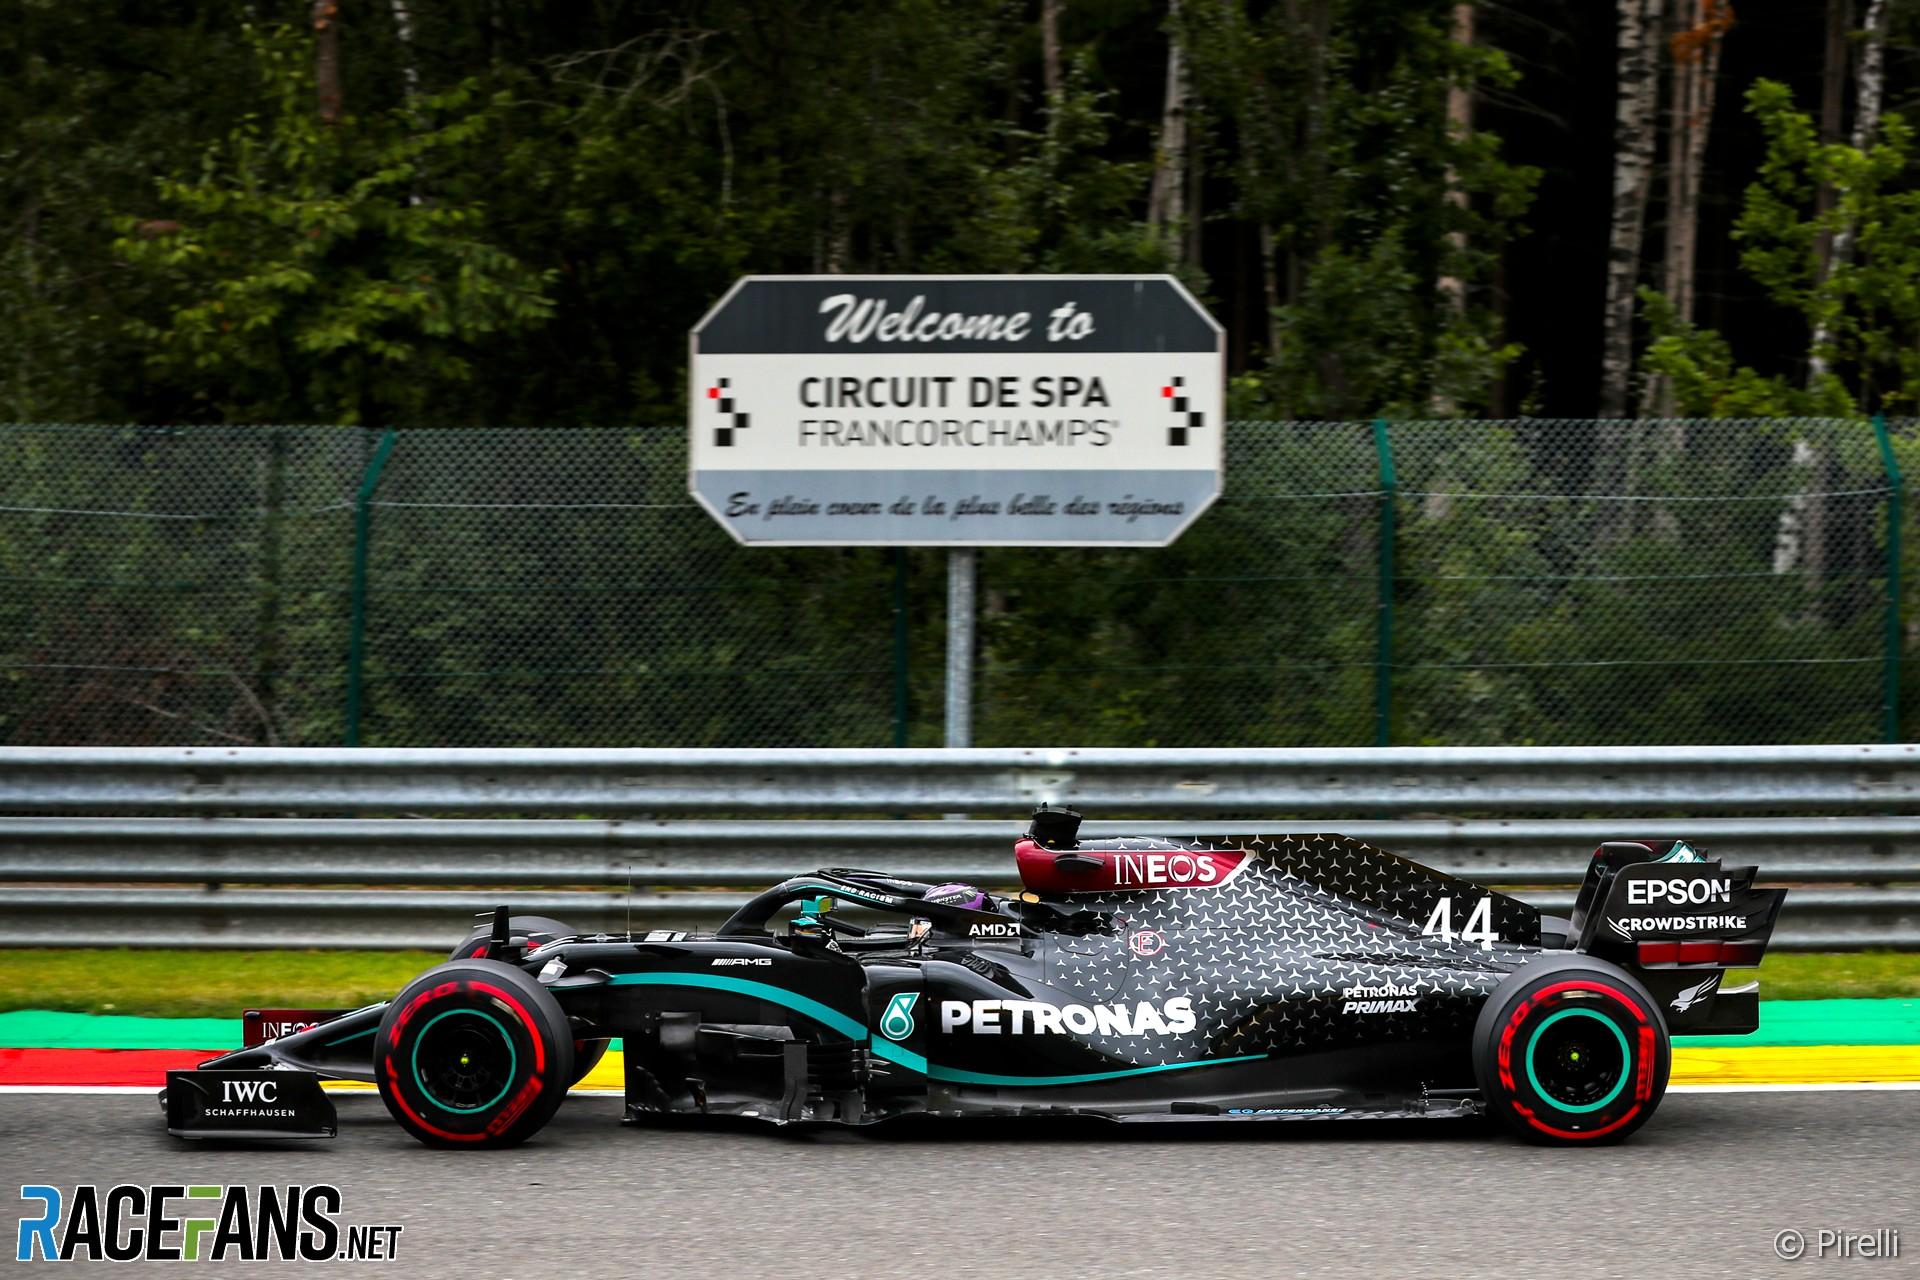 Lewis Hamilton, Mercedes, Spa, 2020